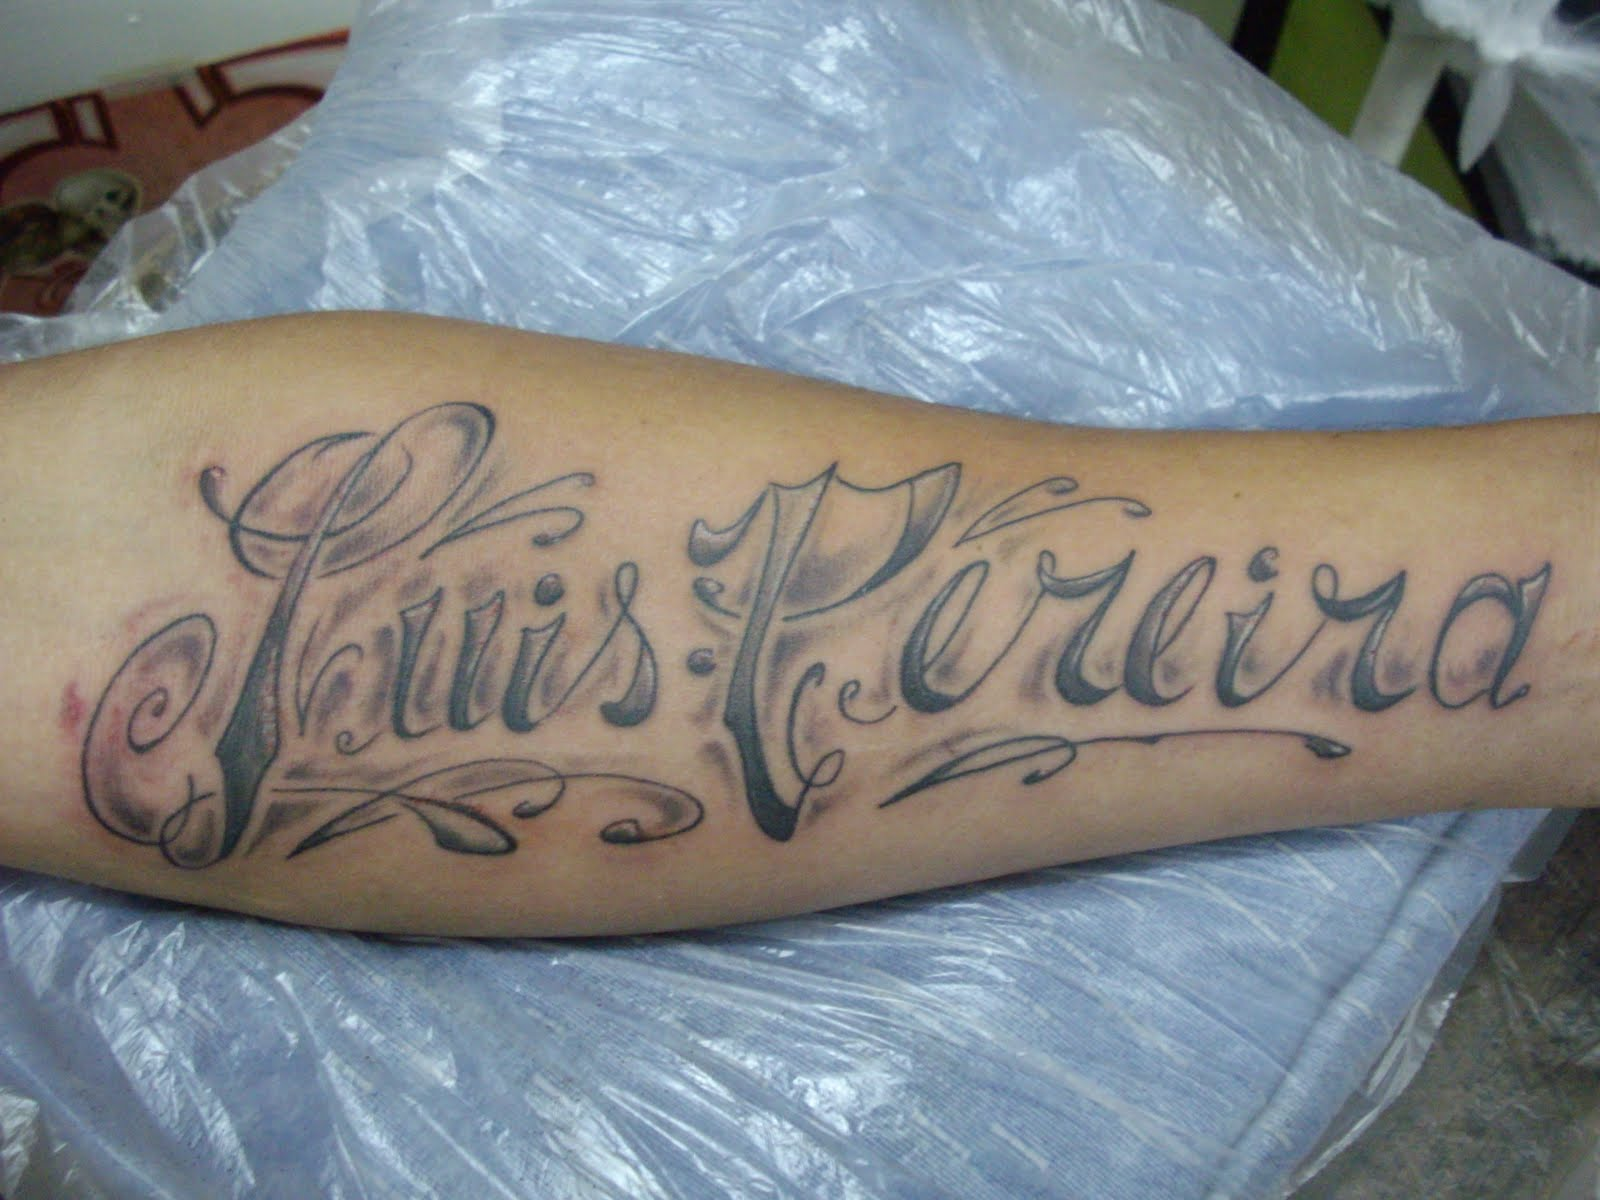 El arte ilustrado tattoo nombres - Tattoo chiffre ...